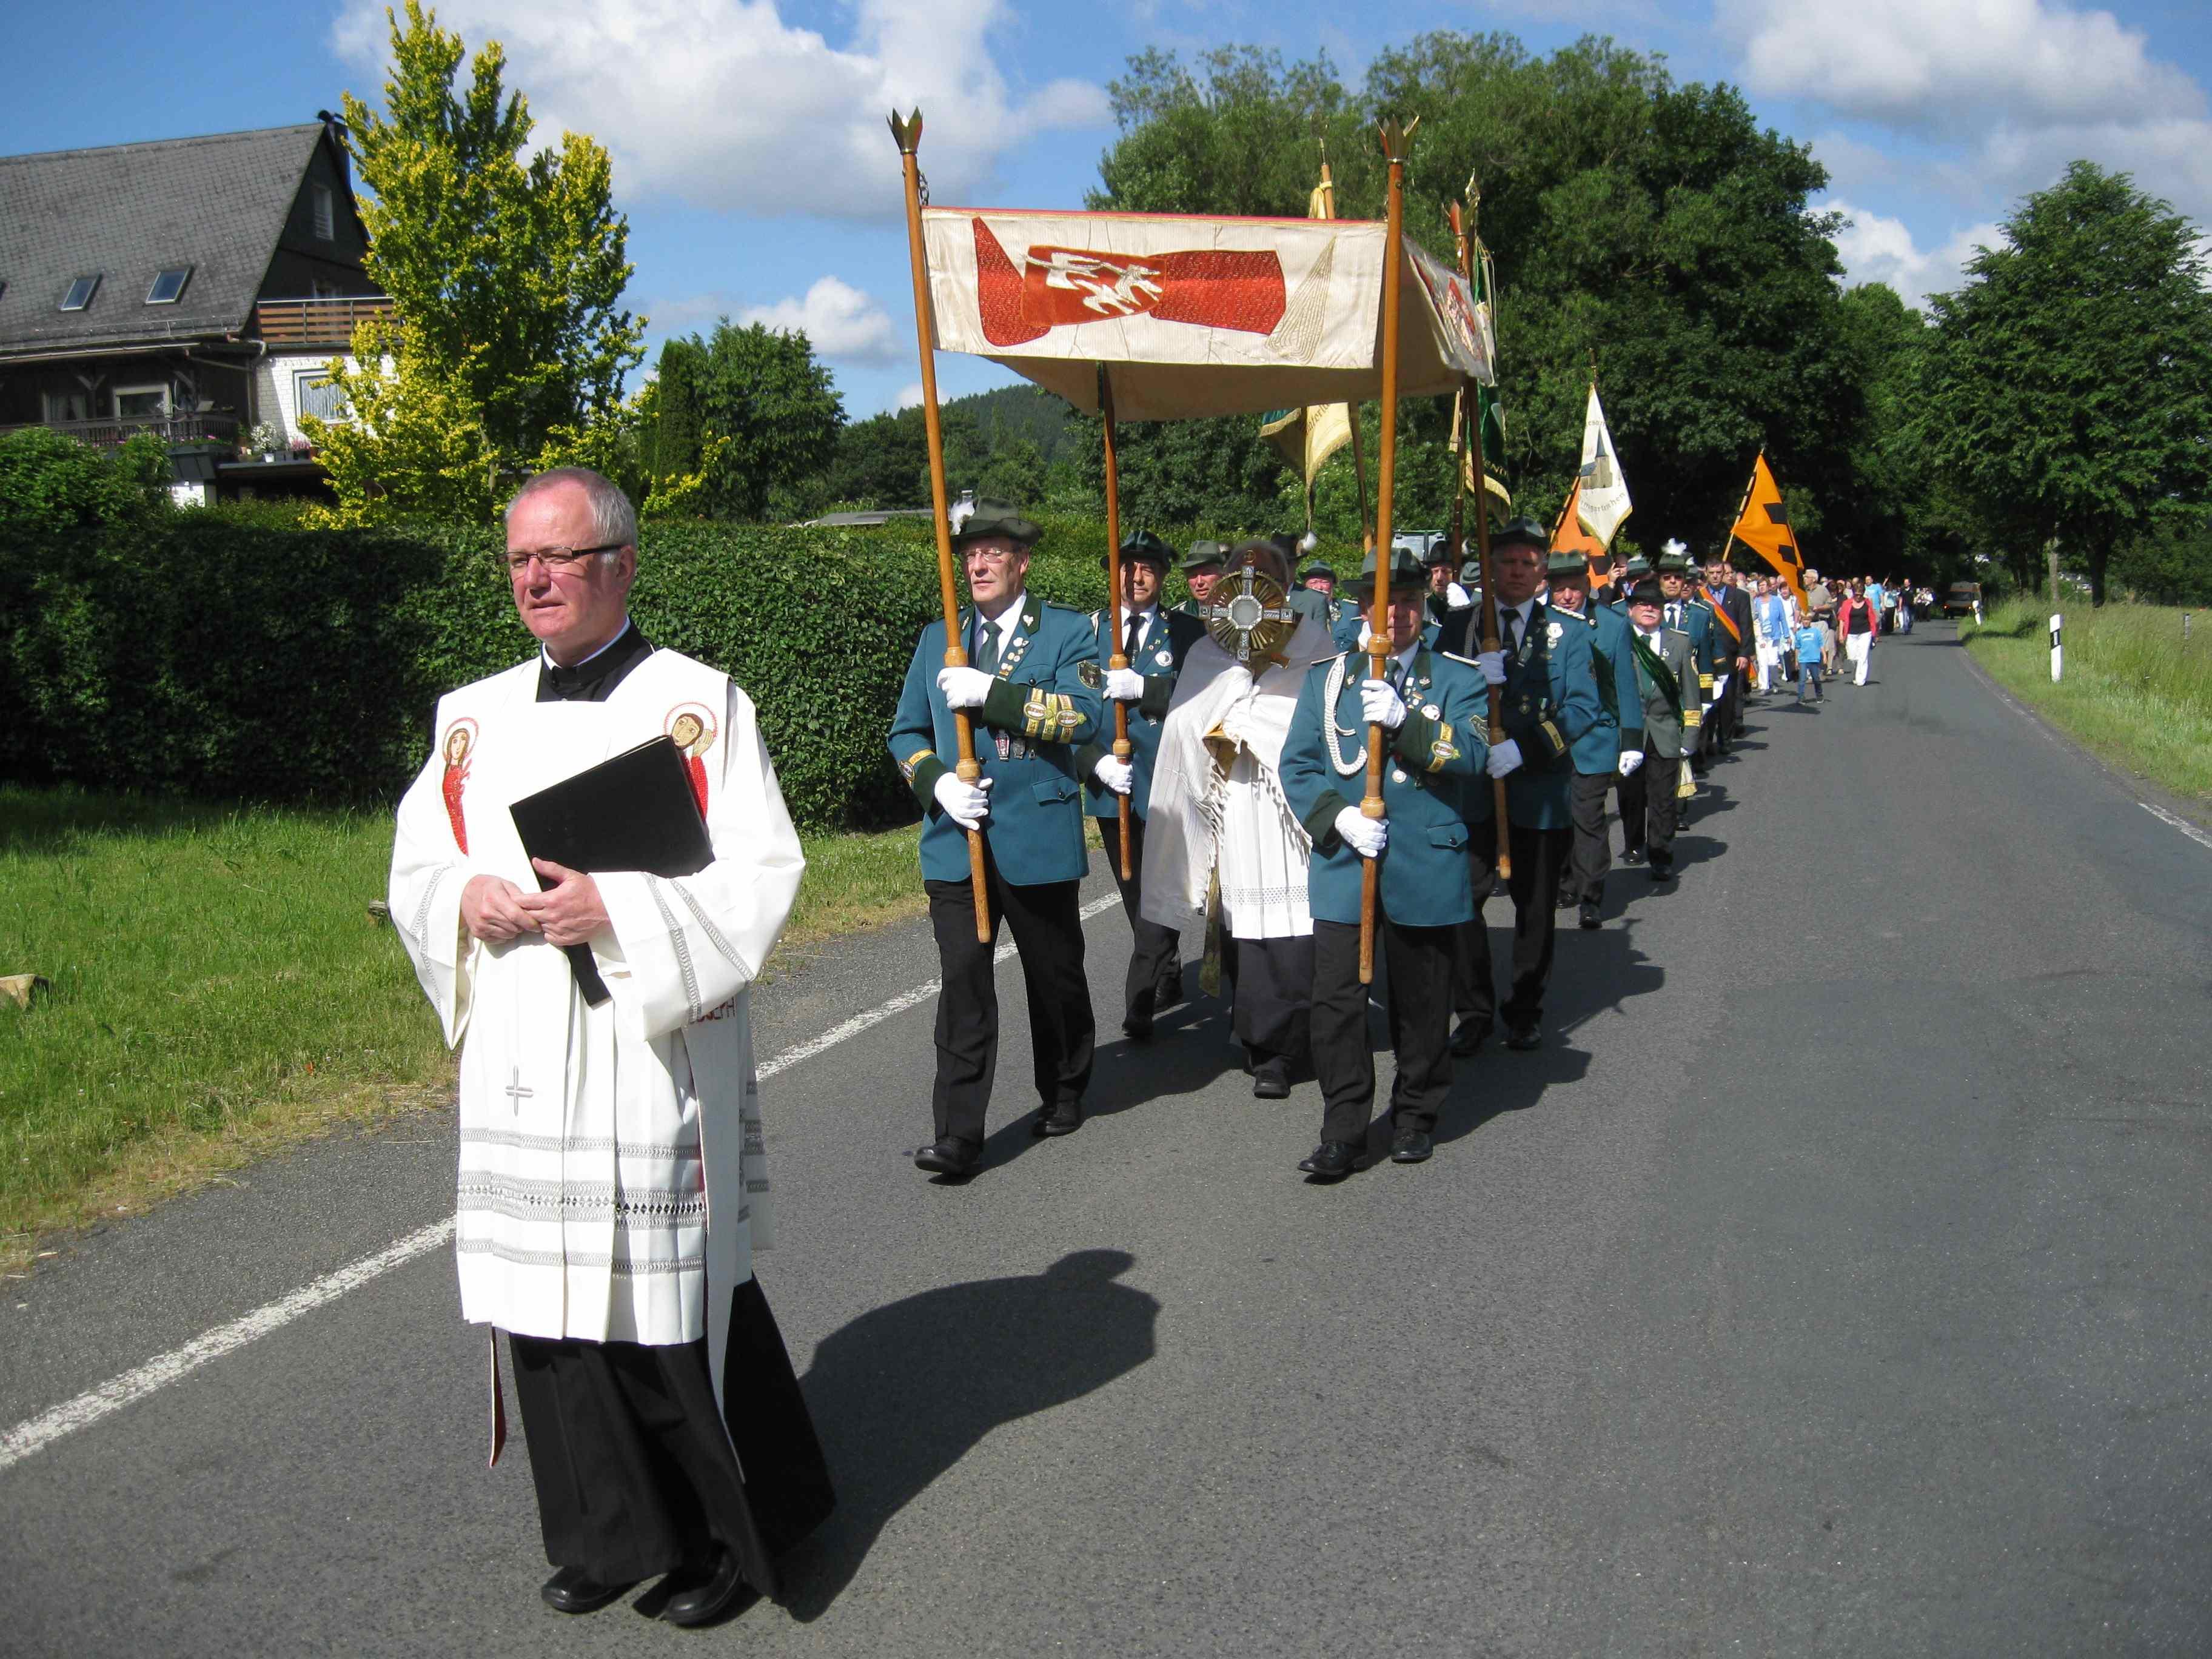 Traditionelle Dreifaltigkeitsprozession im Johannland